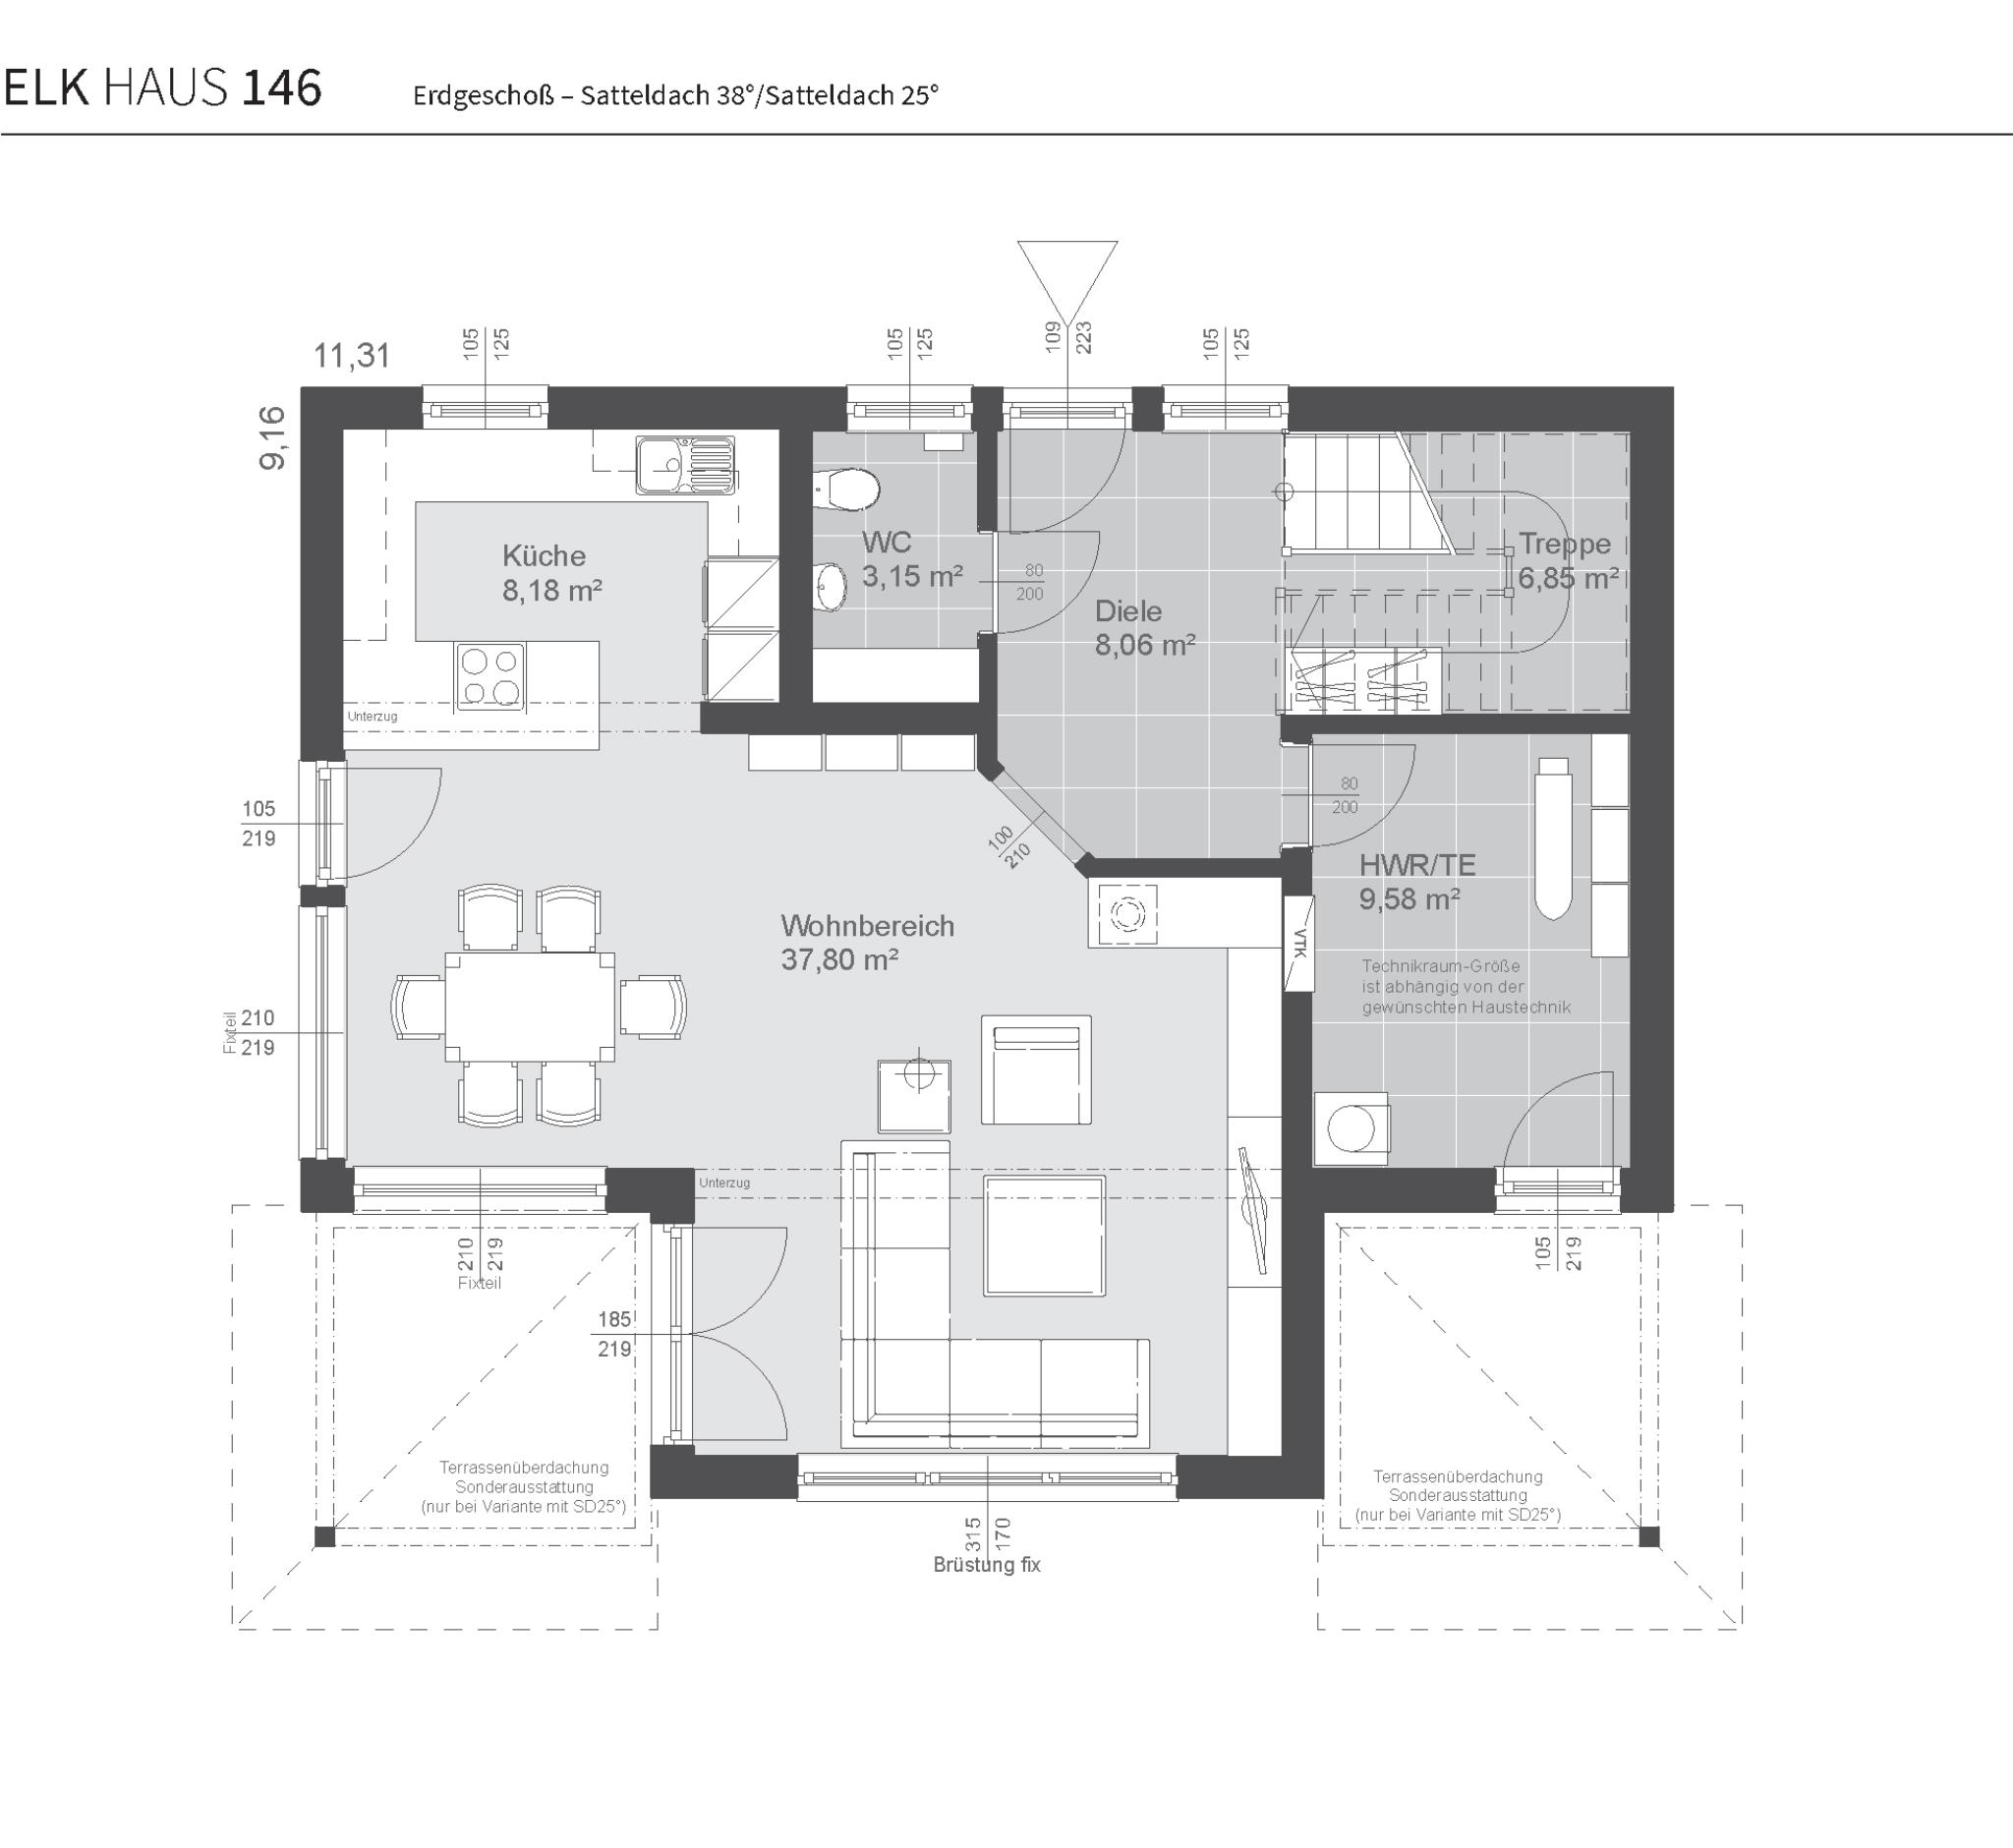 grundriss-fertighaus-elk-haus-146-erdgeschoss-satteldach38-satteldach25_1